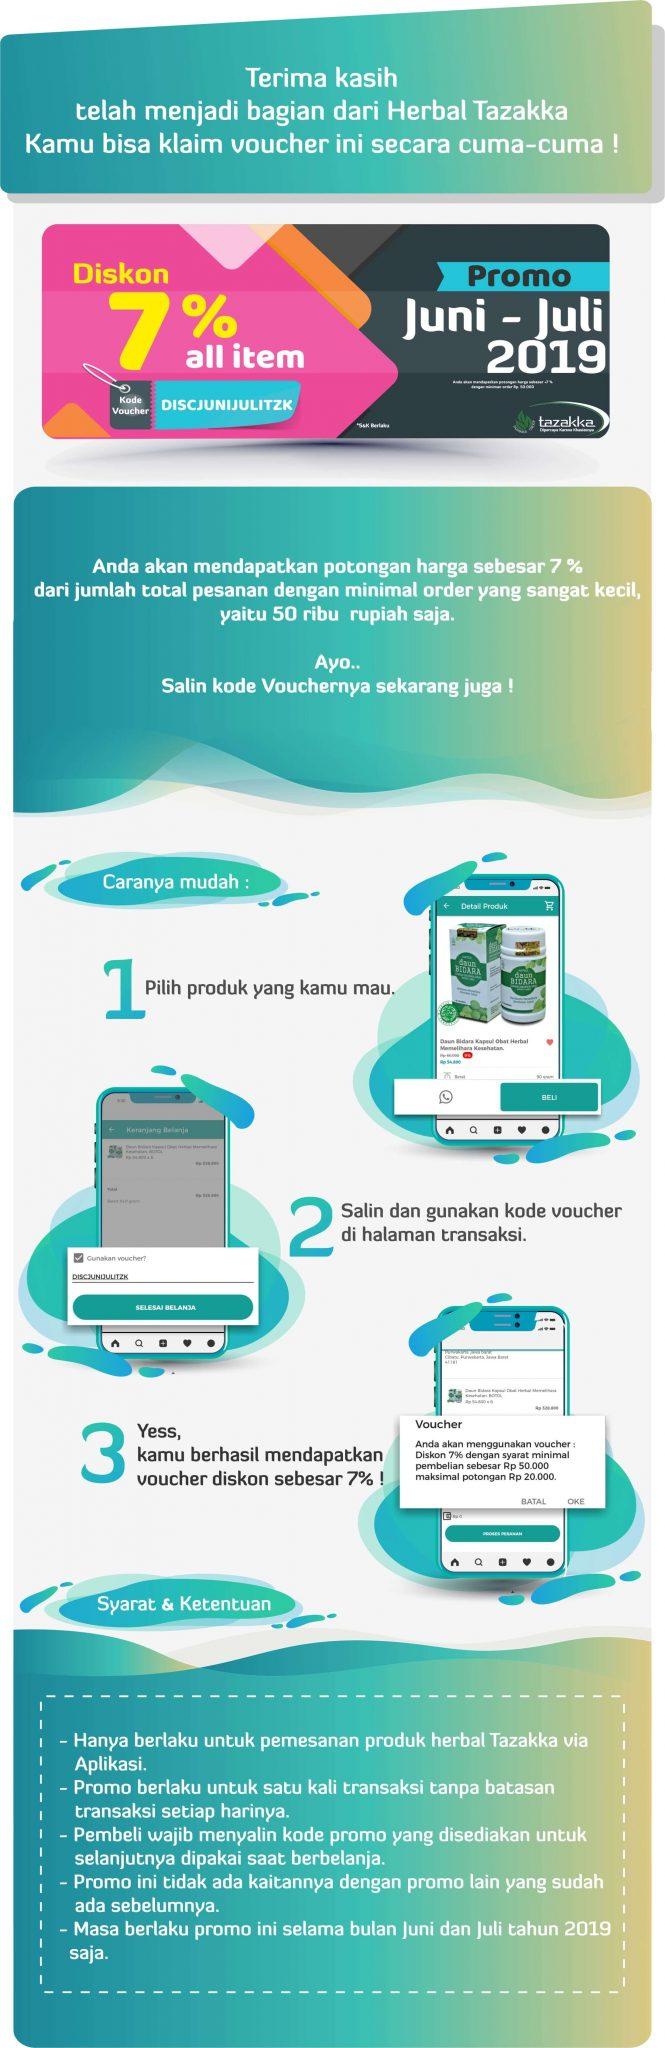 Cara Pakai Kode Voucher Diskon Belanja Di Aplikasi Toko Online Herbal Tazakka